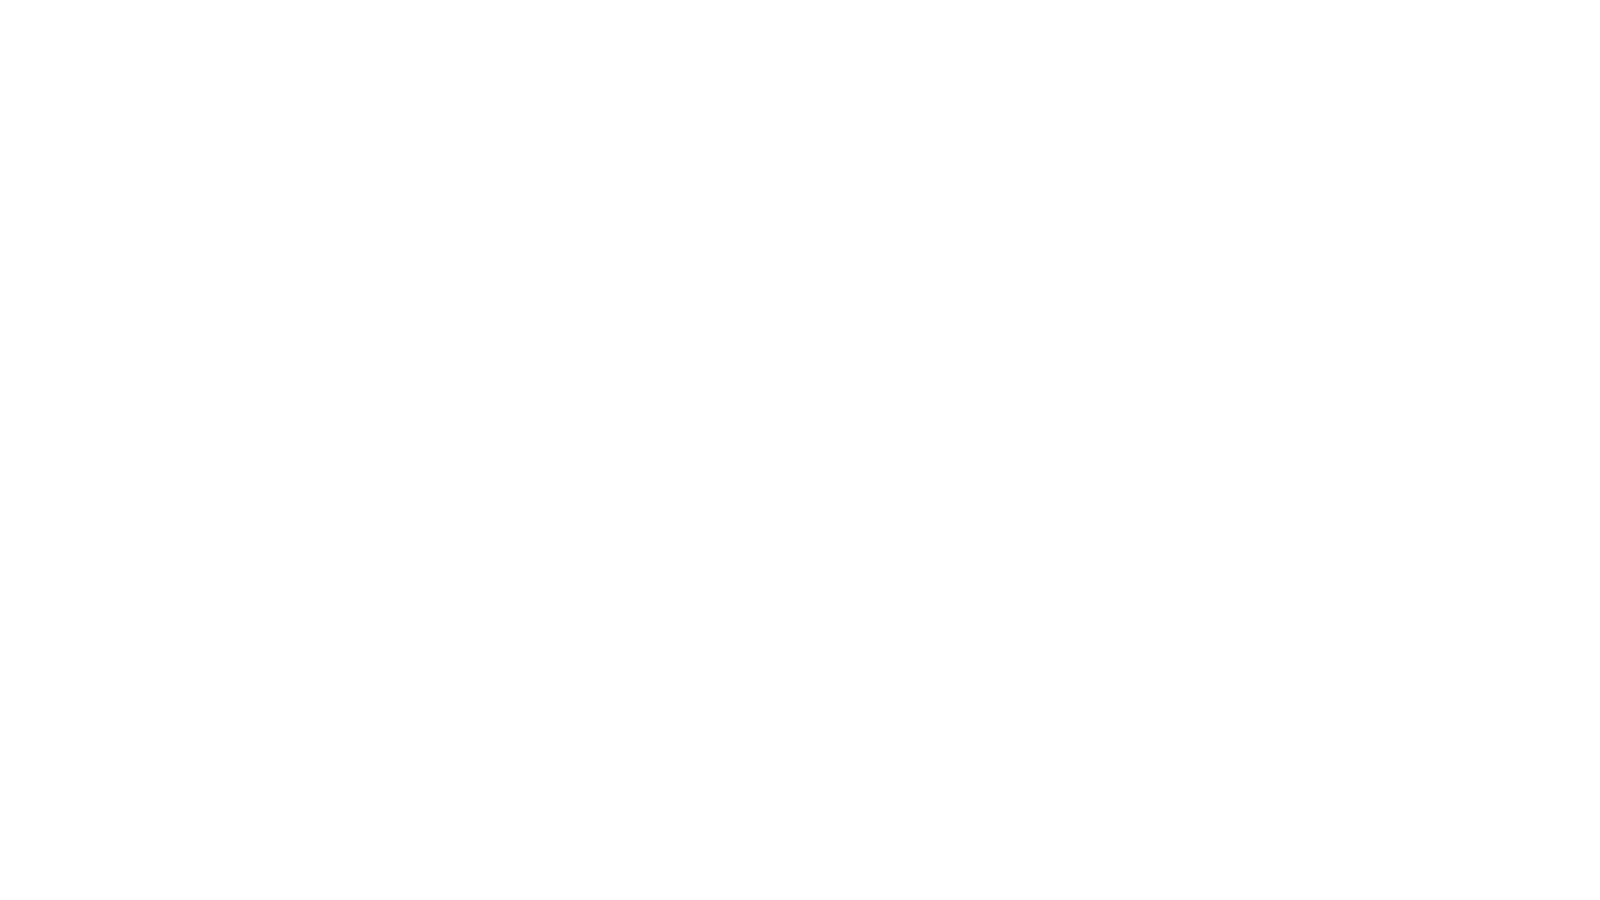 """7 апреля 2021 г Дмитрий Засухин, юридический маркетолог, общался в формате интервью с Виталием Кацко, адвокатом, управляющим партнером Адвокатского бюро """"Сила Слова"""".  Что обсуждали на интервью? Как продвигать юридические услуги в Инстаграм? Как юристу получать заявки, обращения и клиентов из Instagram? Какой контент публиковать, который будет собирать много лайков и охватов?"""